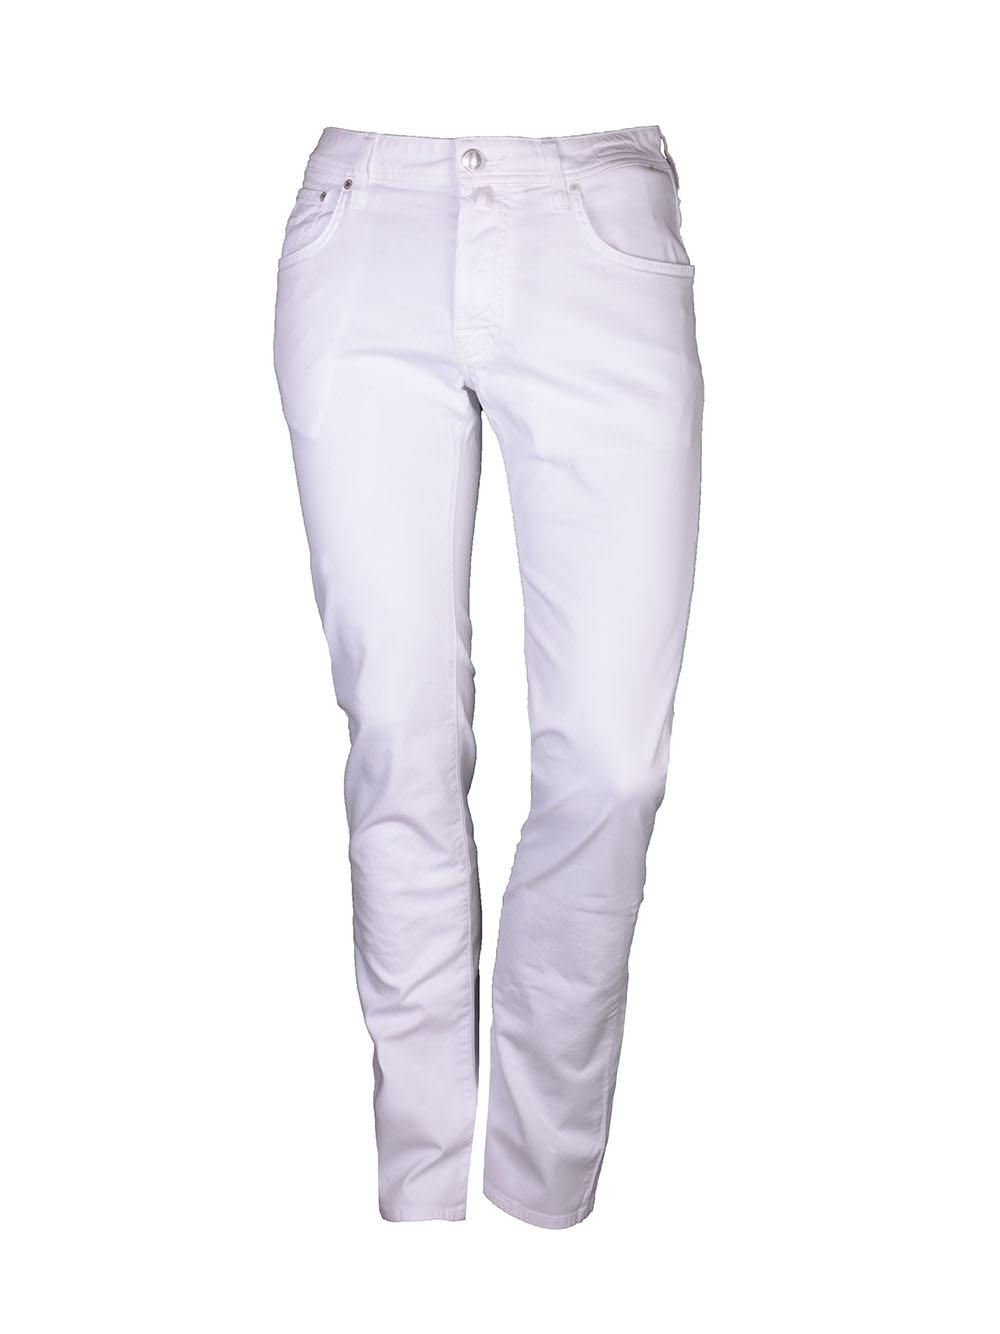 JACOB COHEN Παντελόνι Jeans J622 COMF00566V1 ΛΕΥΚΟ